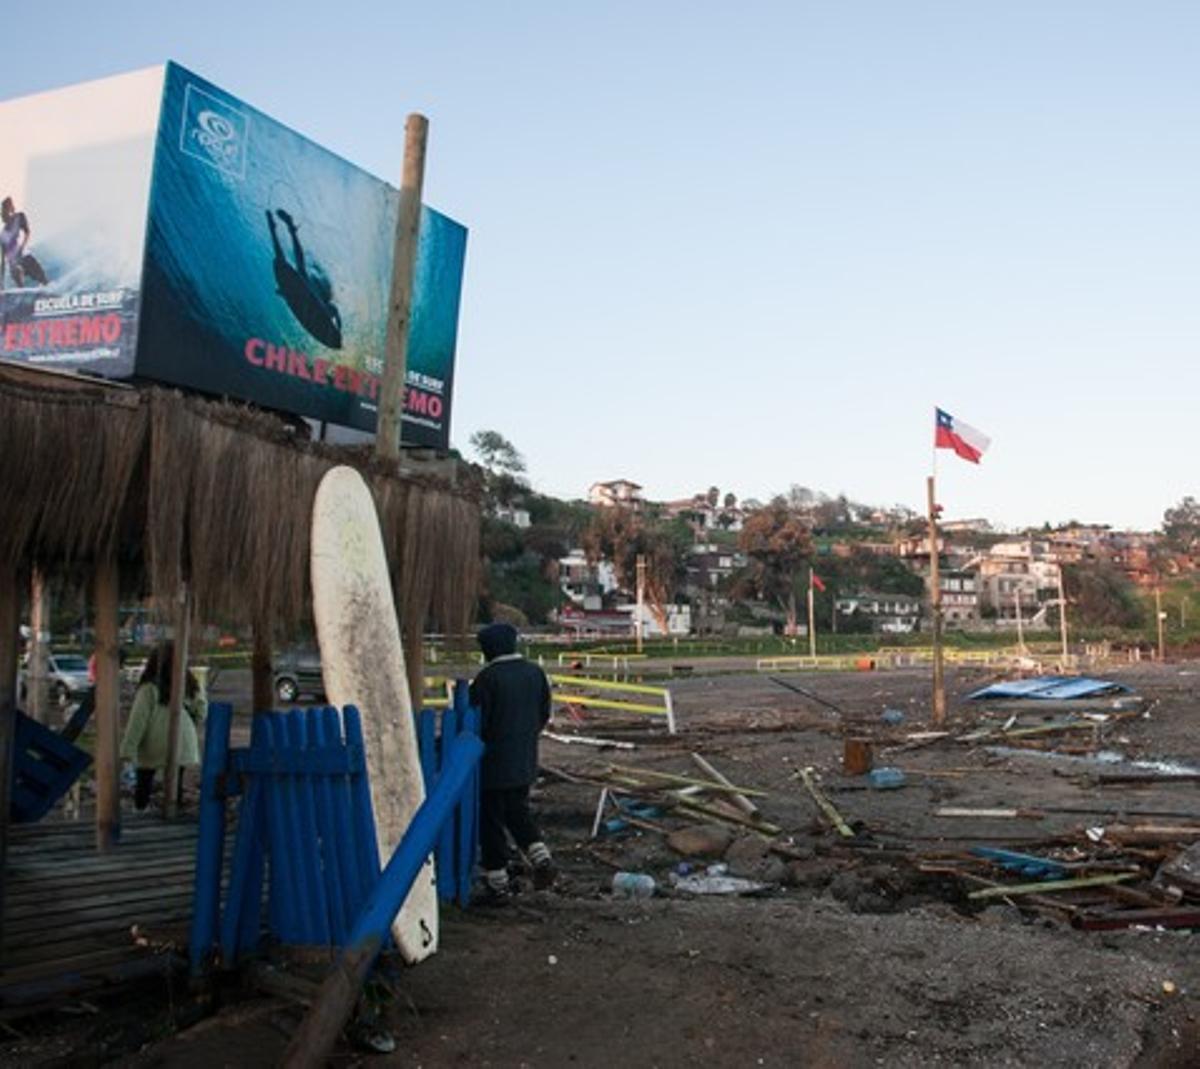 Vista de los escombros que han quedado en la población de Concon, a 100 kilómetros de la capital de Chile, tras el grave seísmo del miércoles.